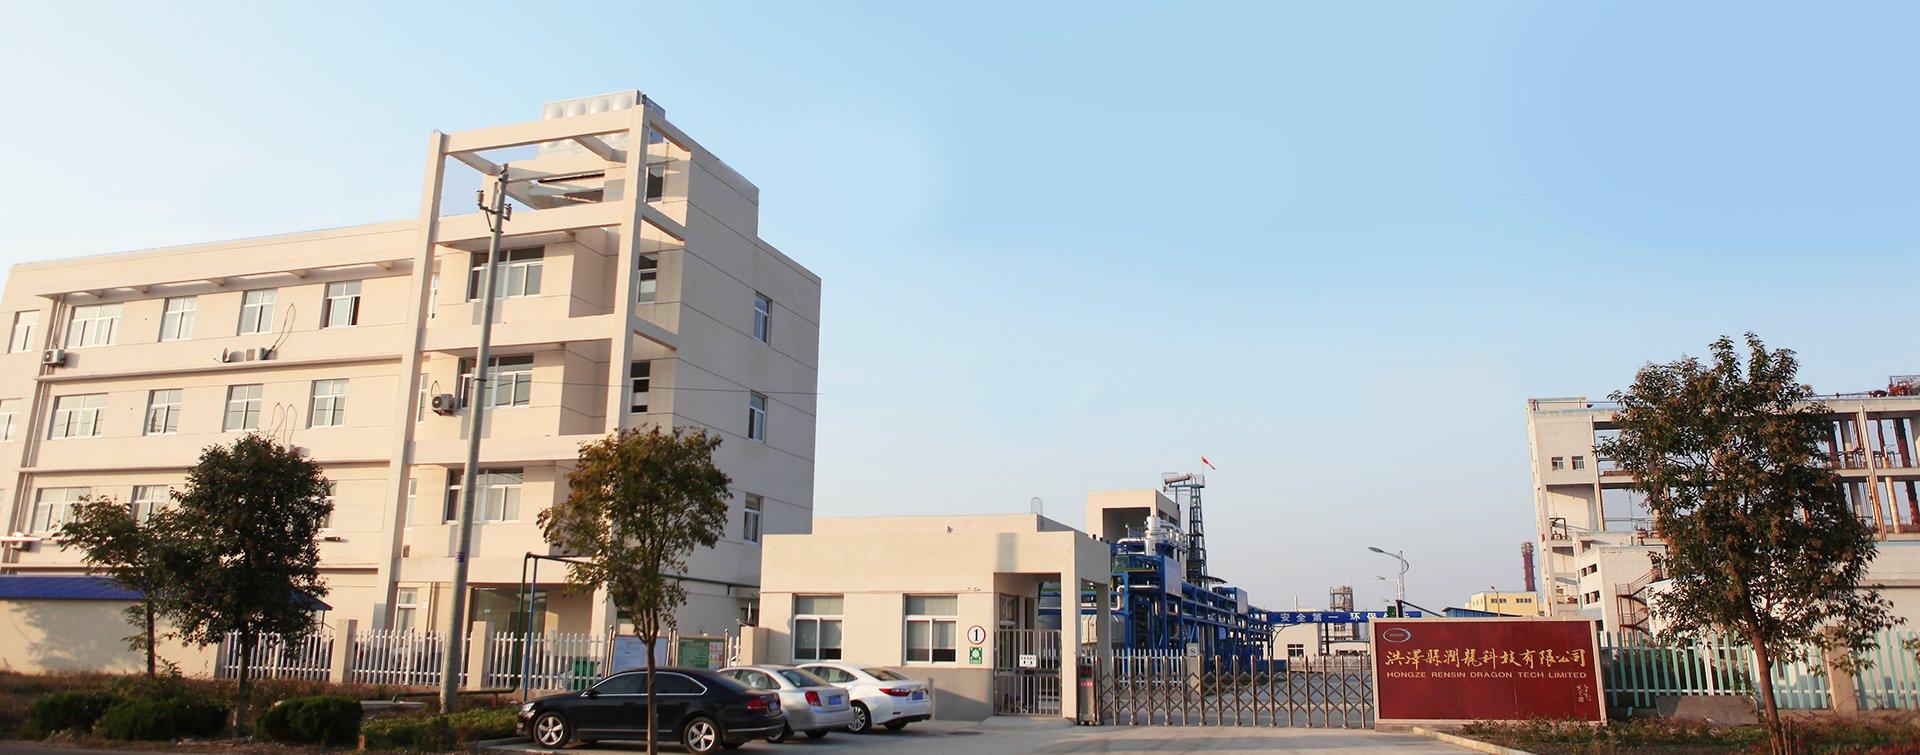 公司厂区照片 (16)